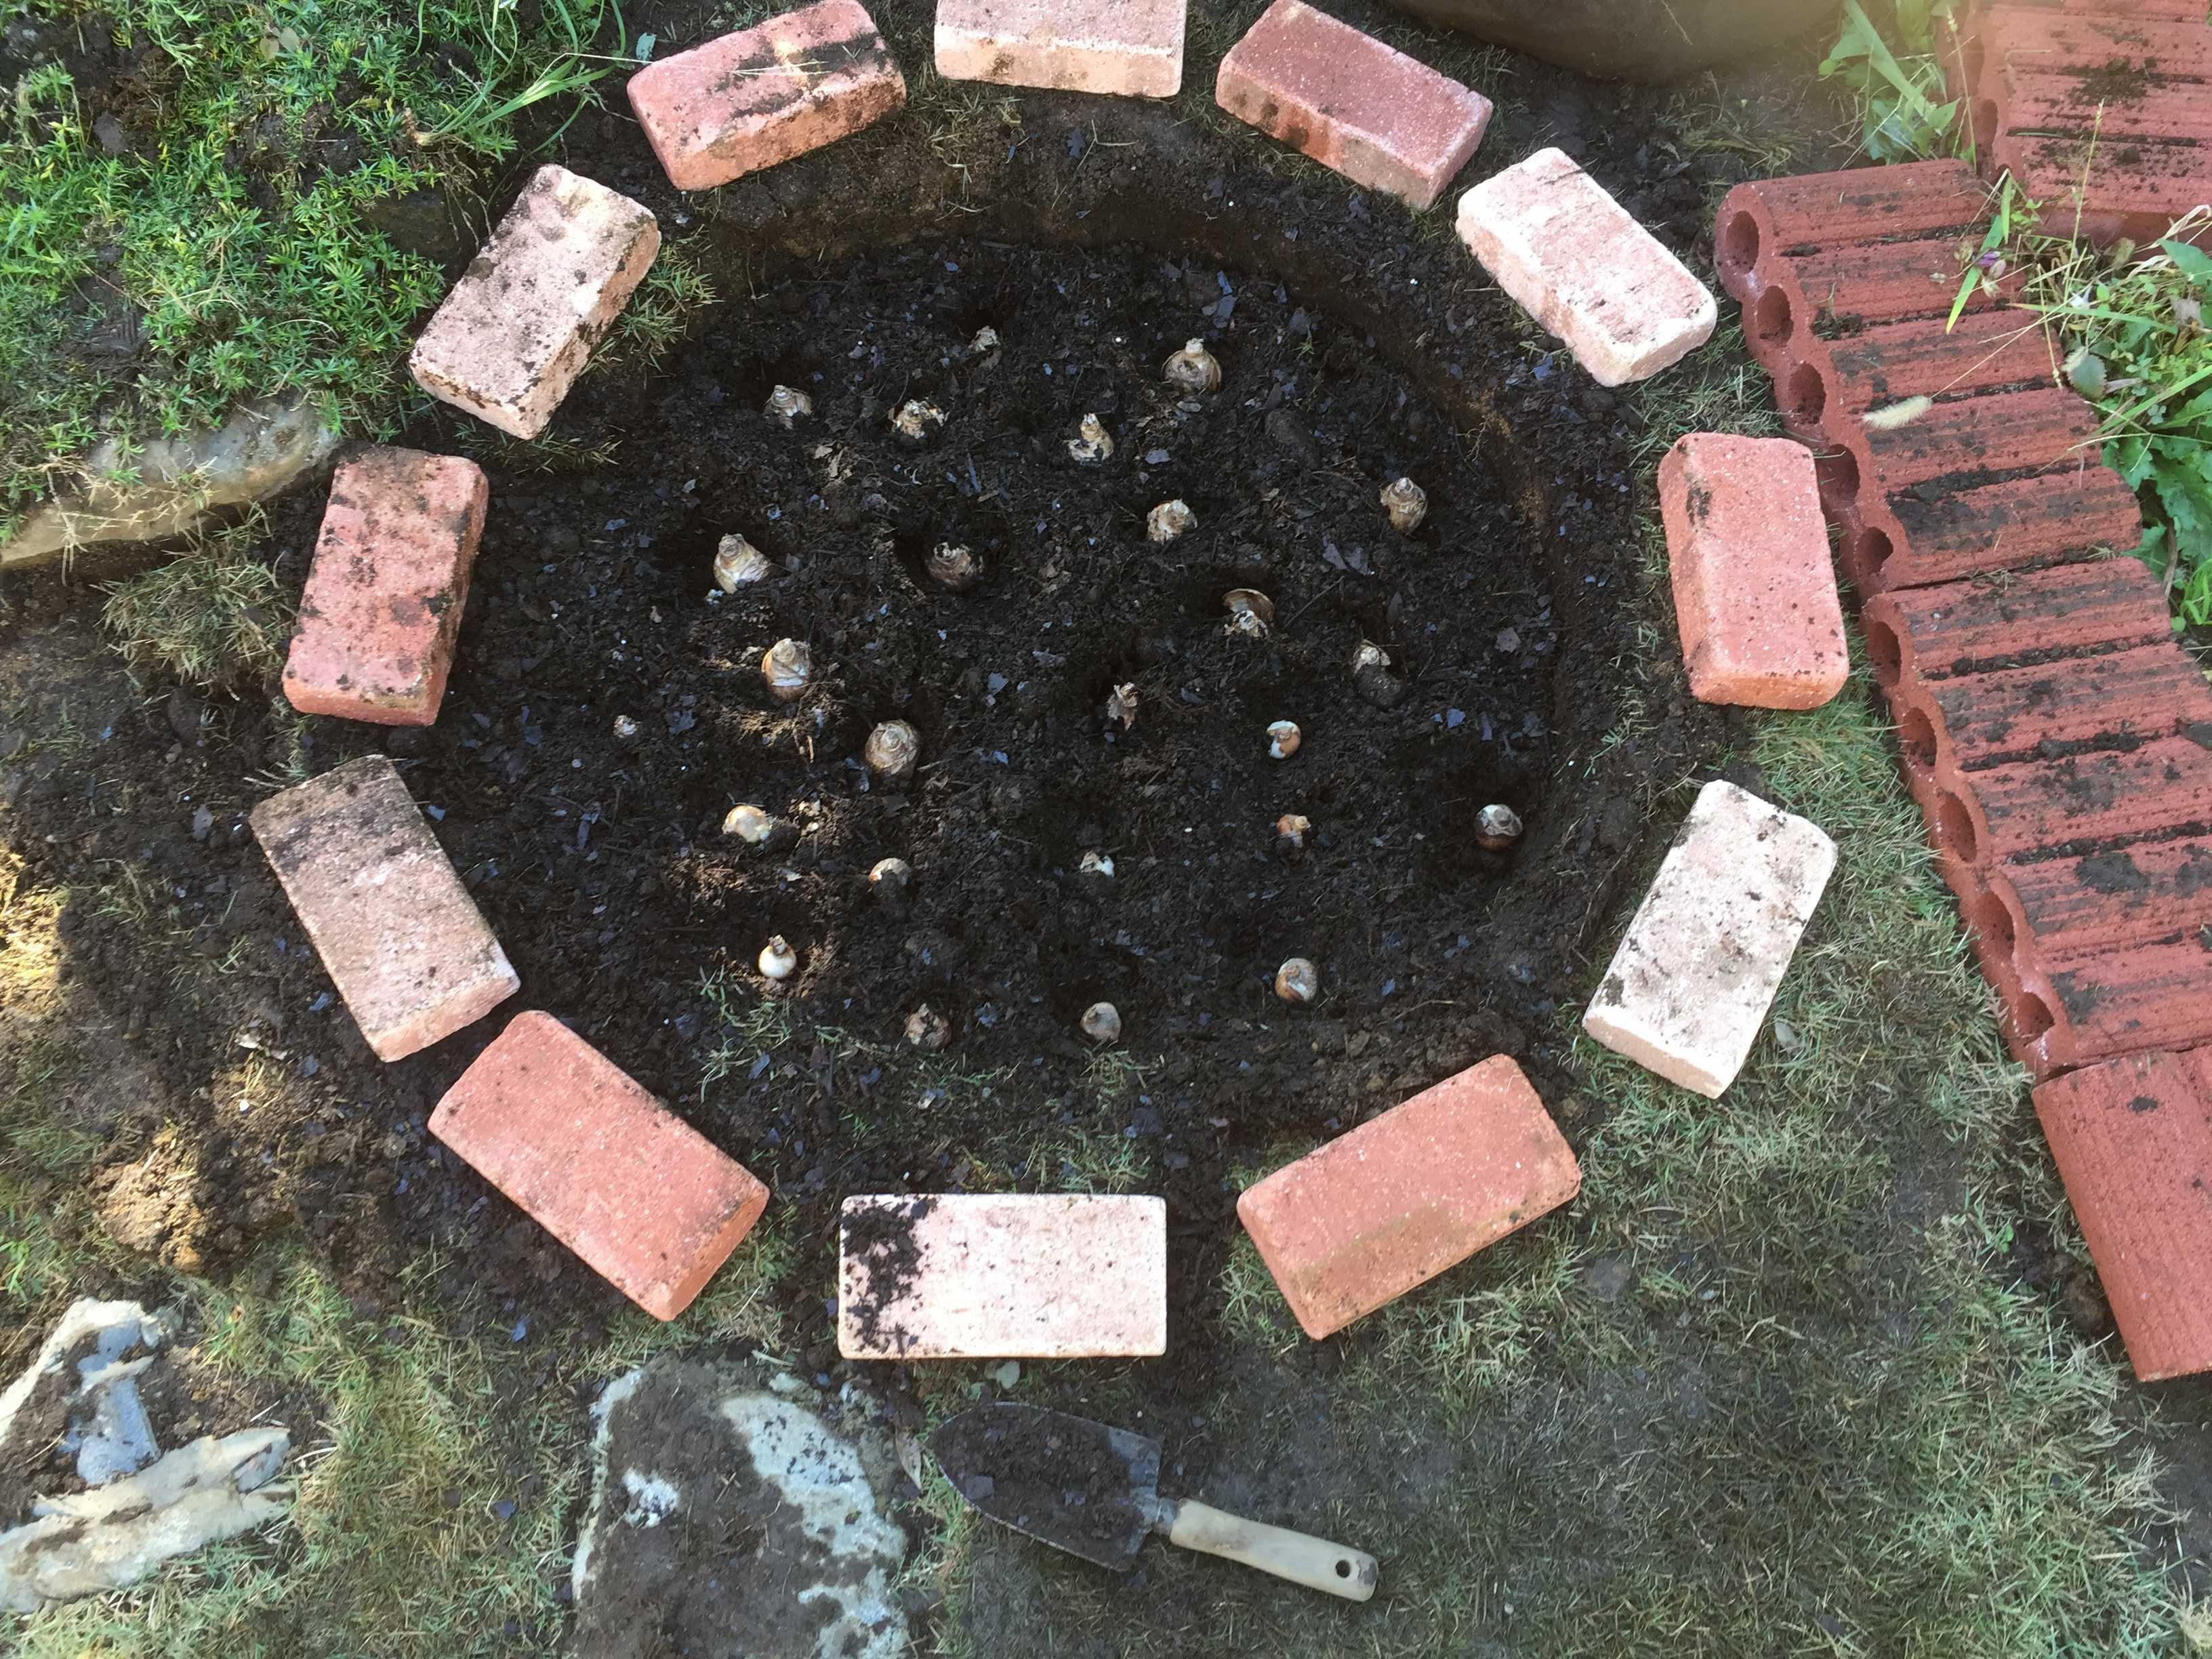 水仙/スイセン(デリベスとミノウ)の球根を植え付け